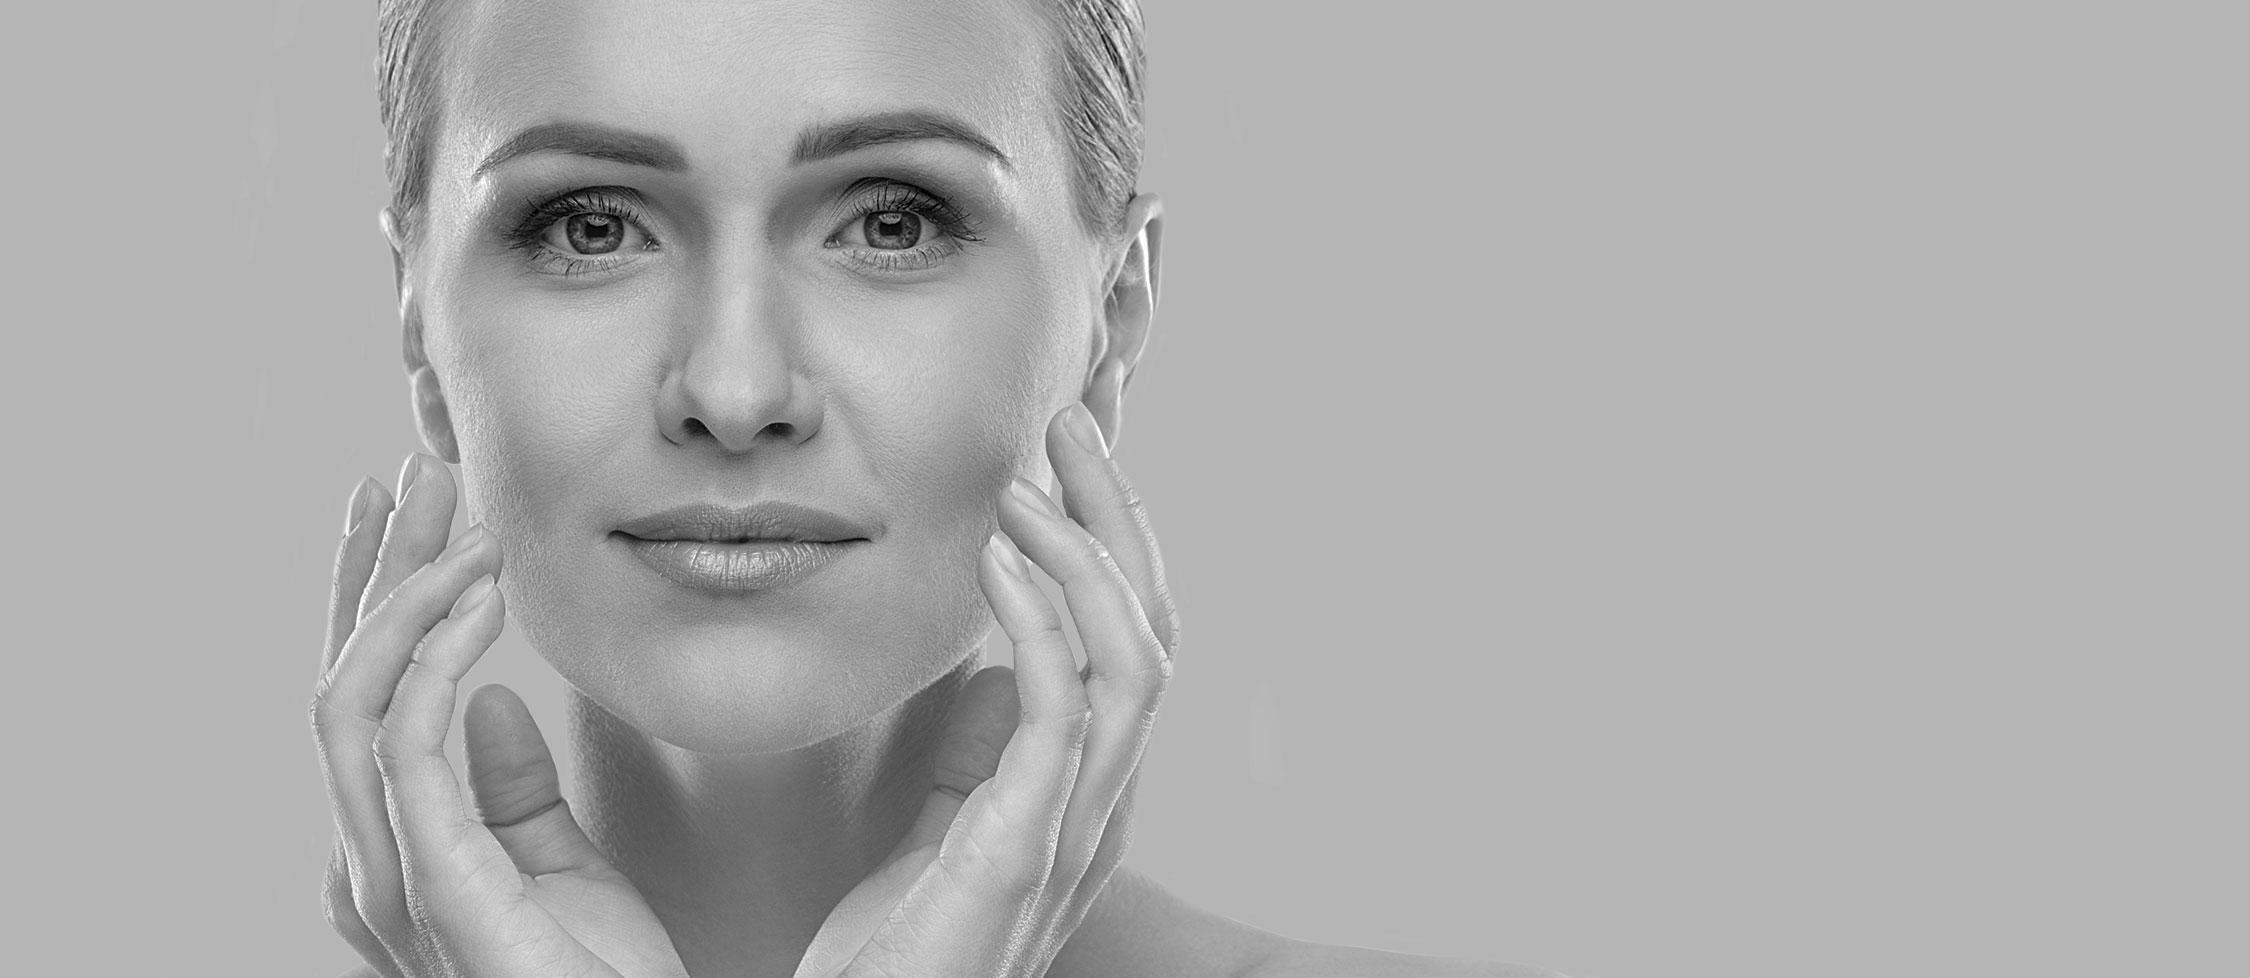 La lipostructure à Lyon - chirurgie du nez et visage | Dr Durbec